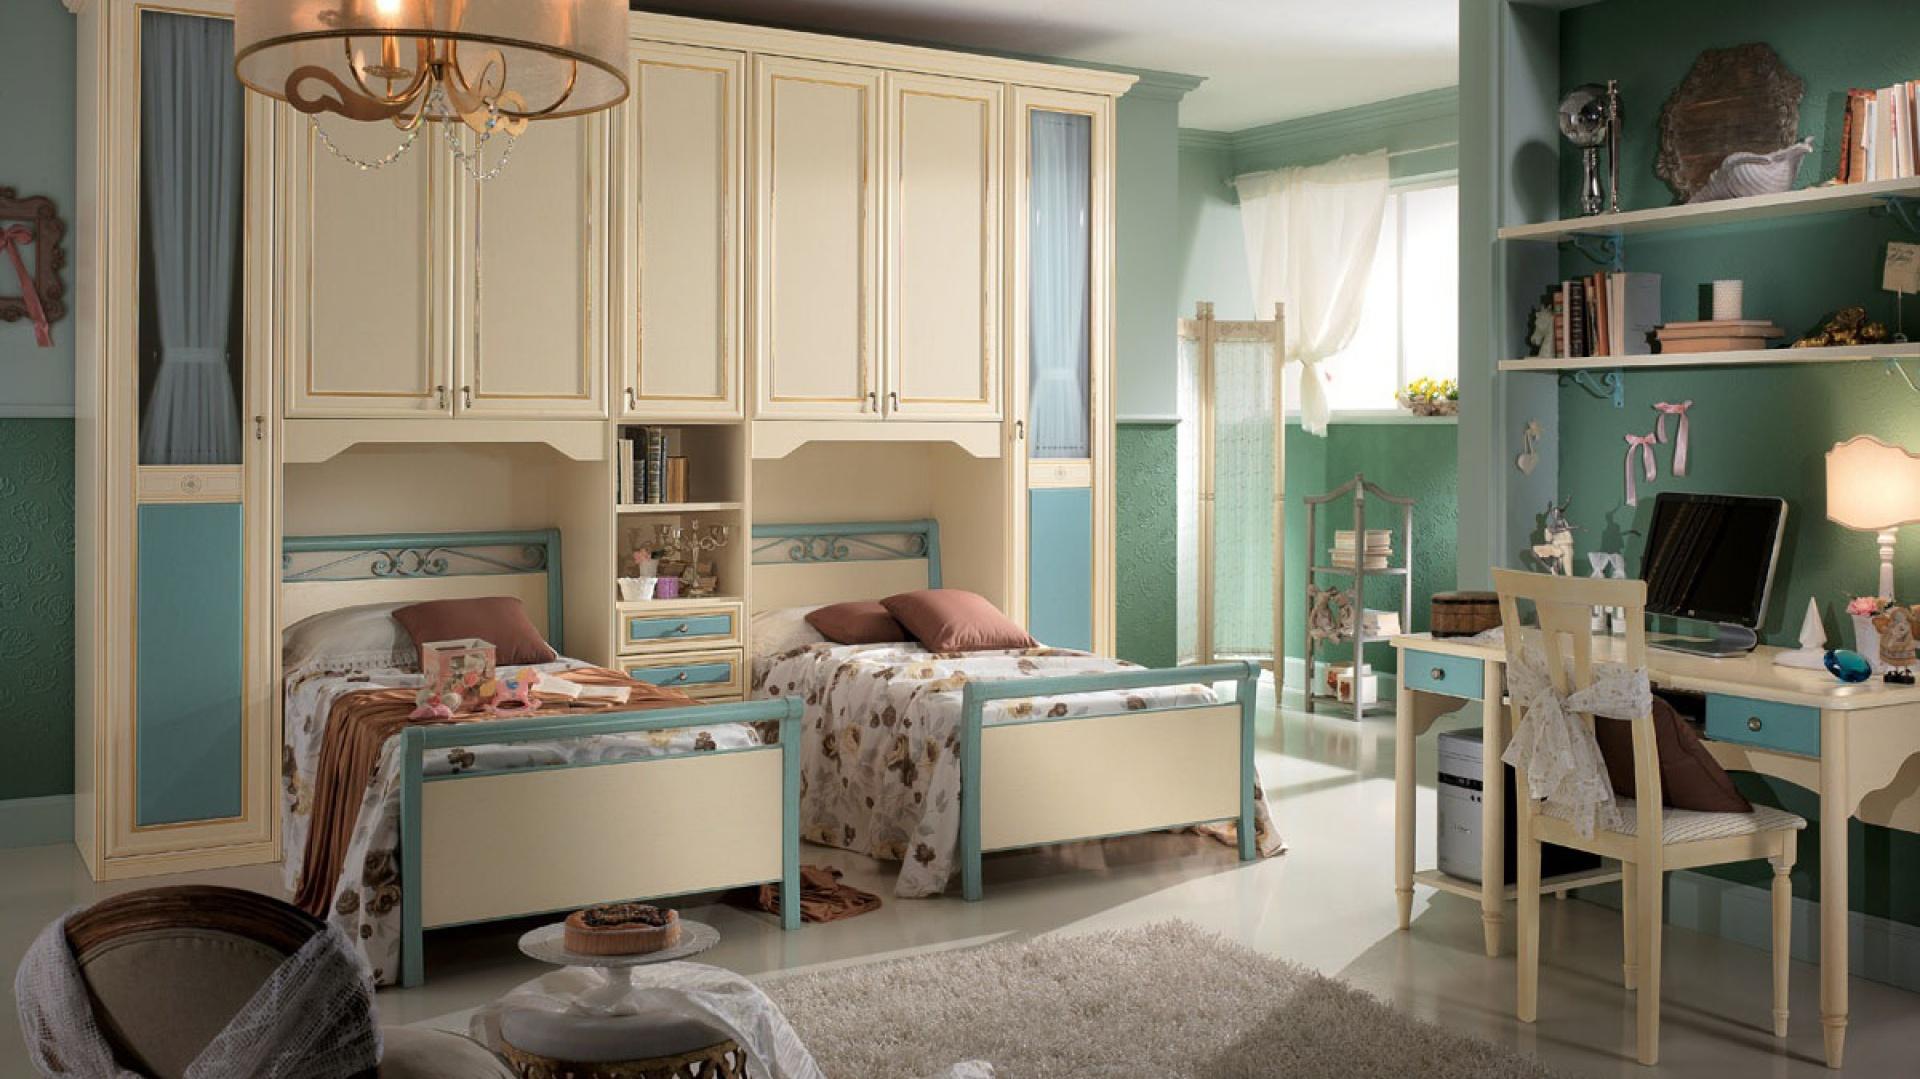 Dość bliskie, równoległe ustawienie dwóch łóżek sprawdzi się np. w pokoju sióstr. Fot. Spar.it.